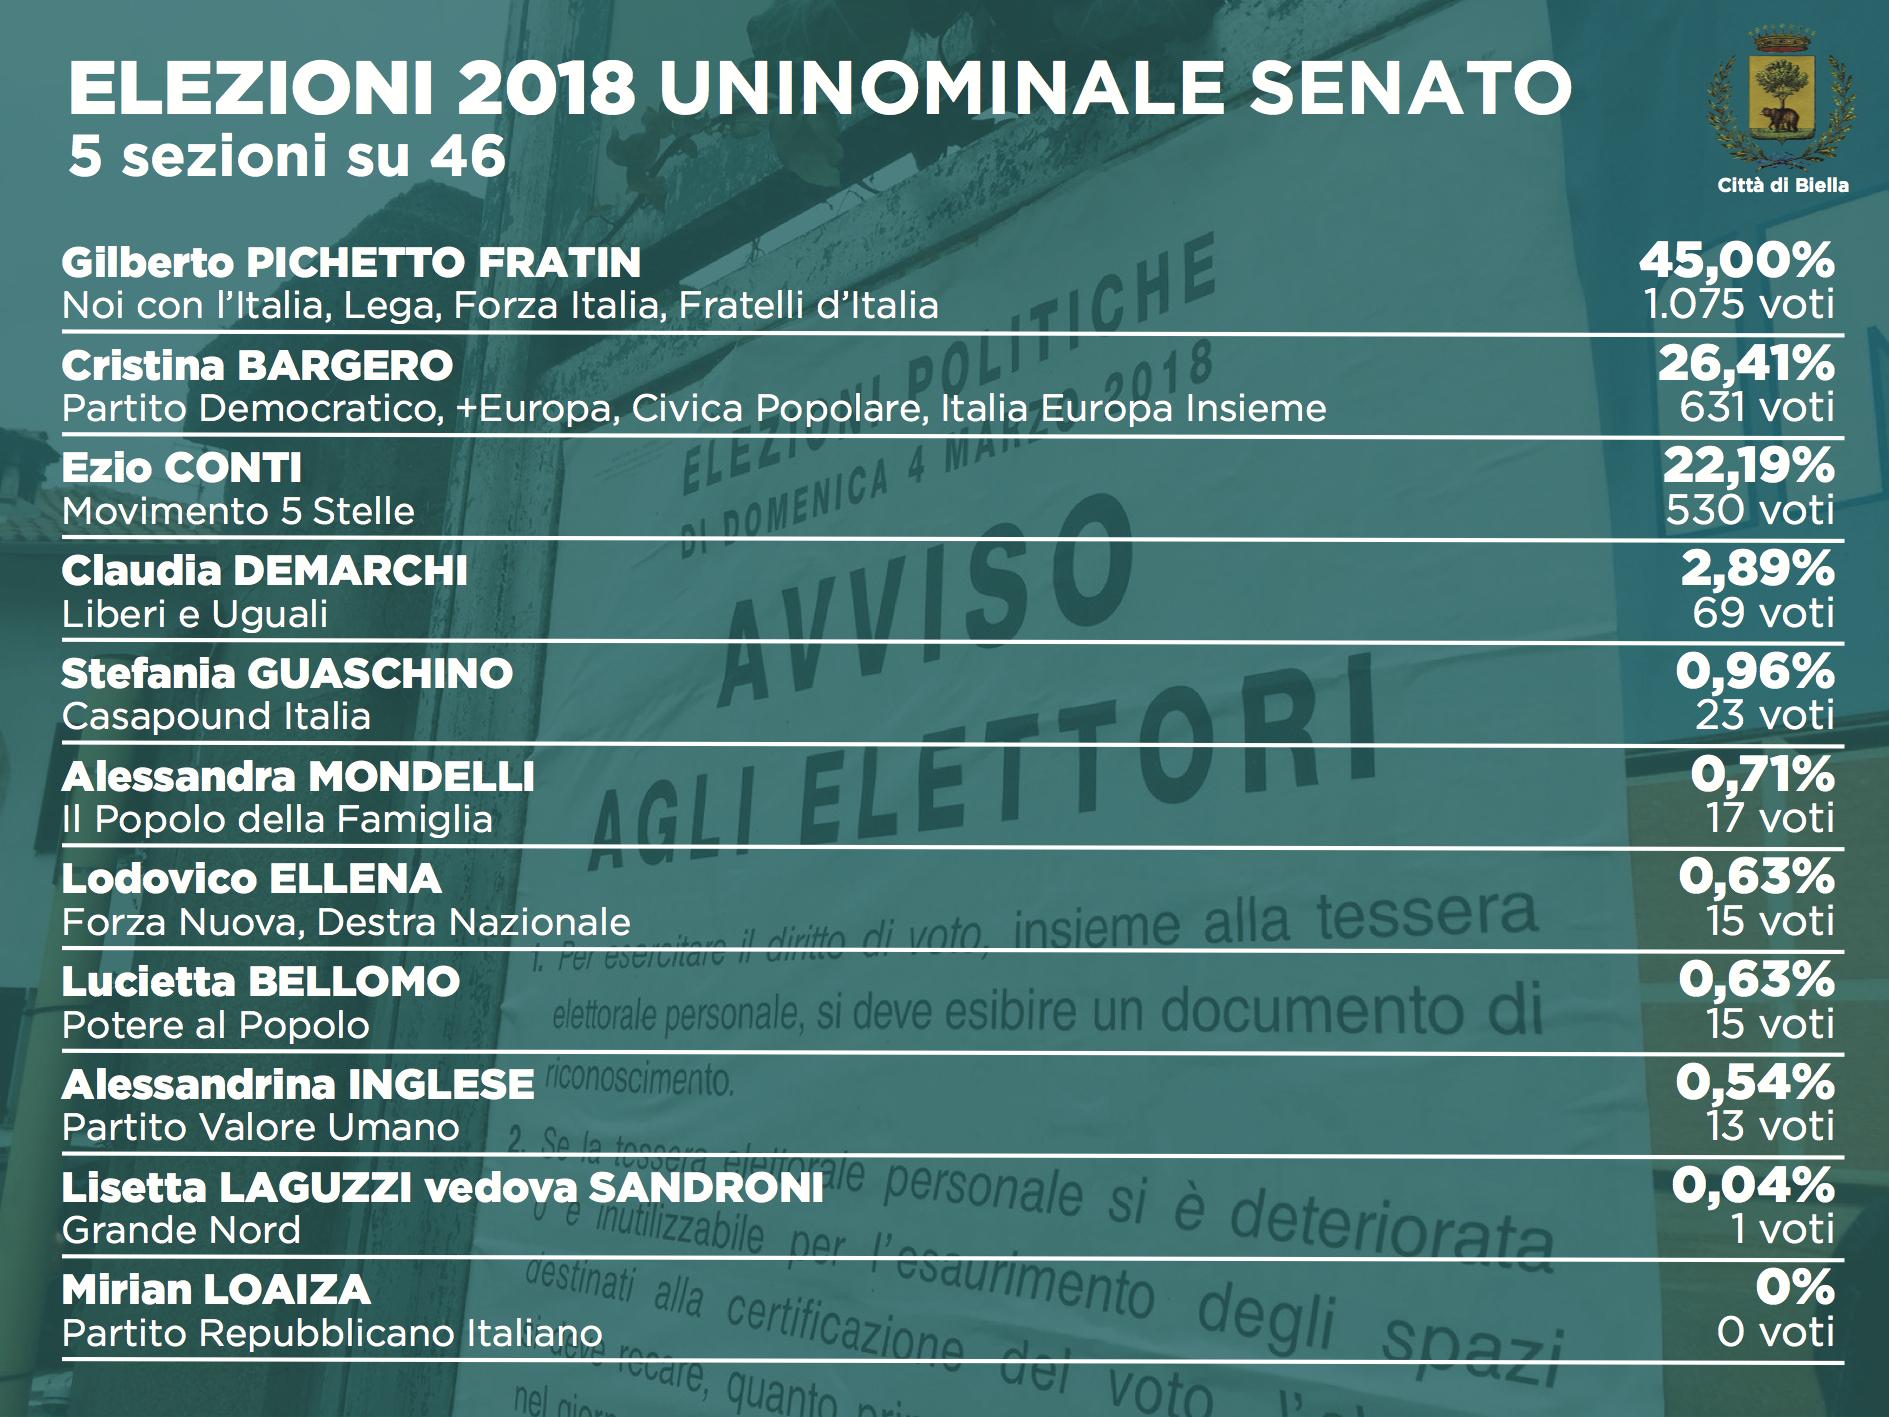 Elezioni 2018: i dati dell'uninominale al Senato (5 sezioni su 46)